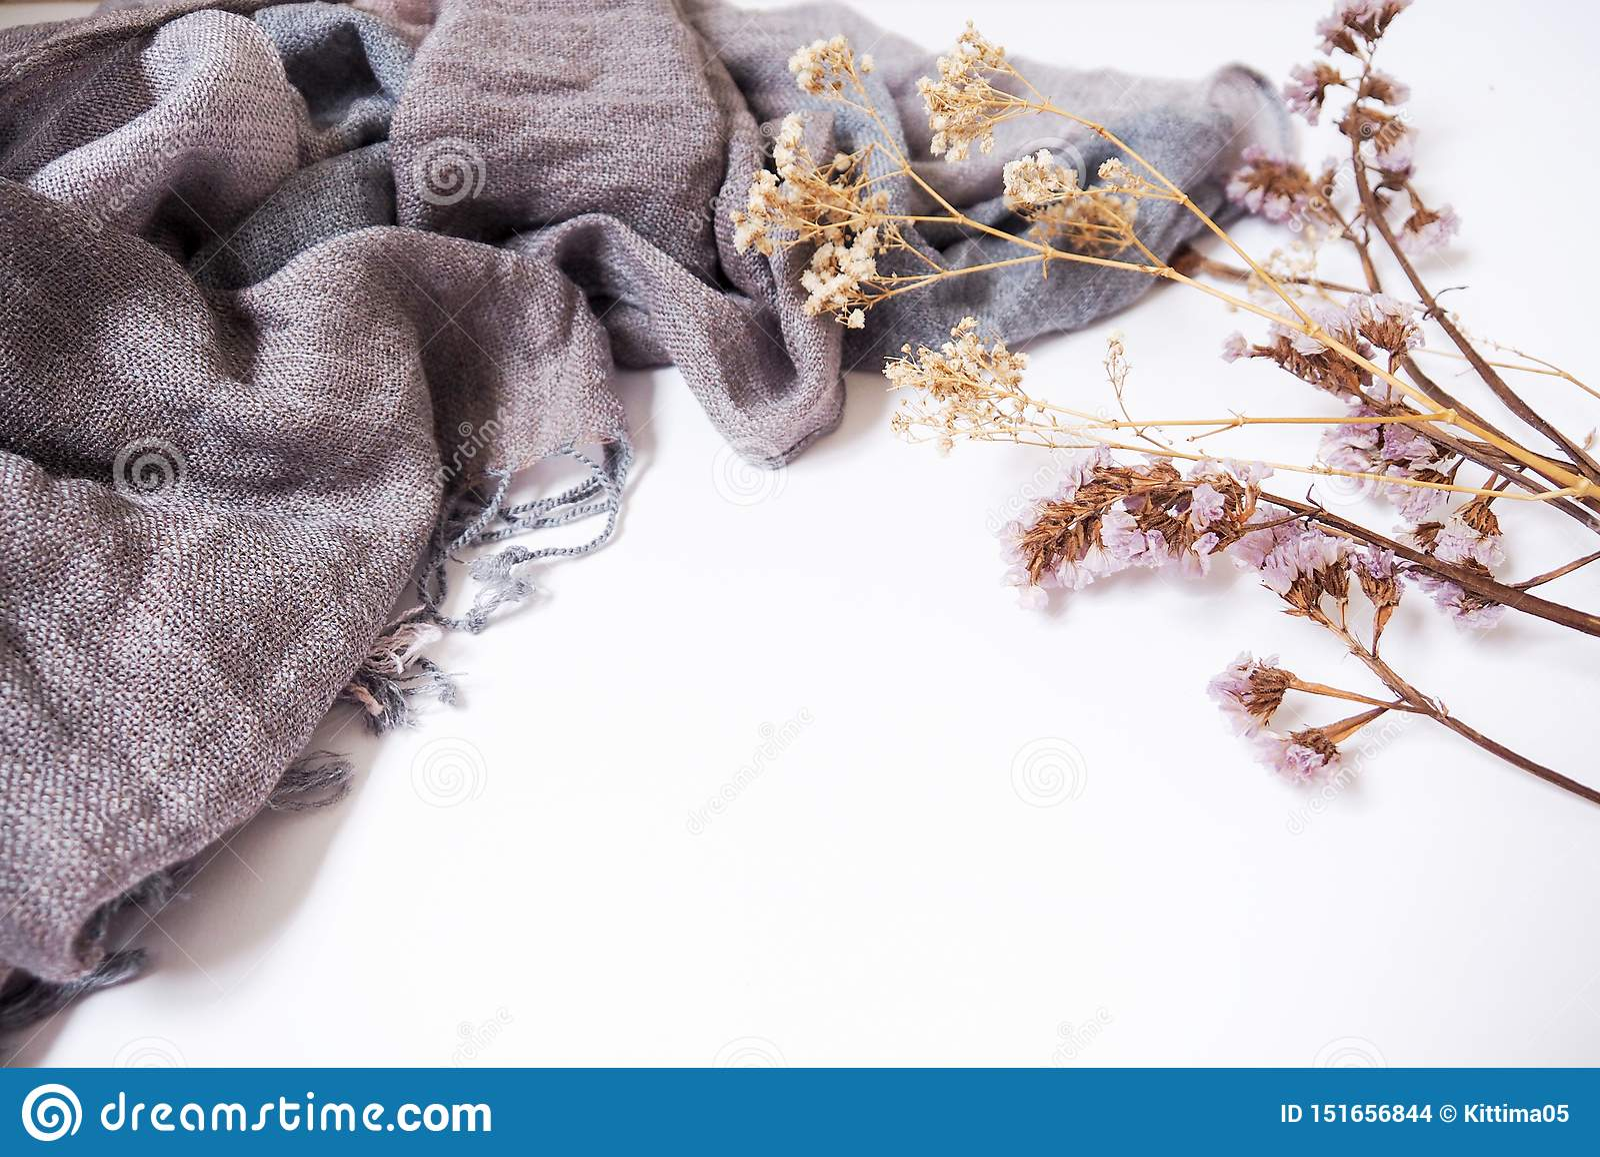 Bakgrundsmallar med tomt textutrymme på tyg och dekorativa torkade blommor